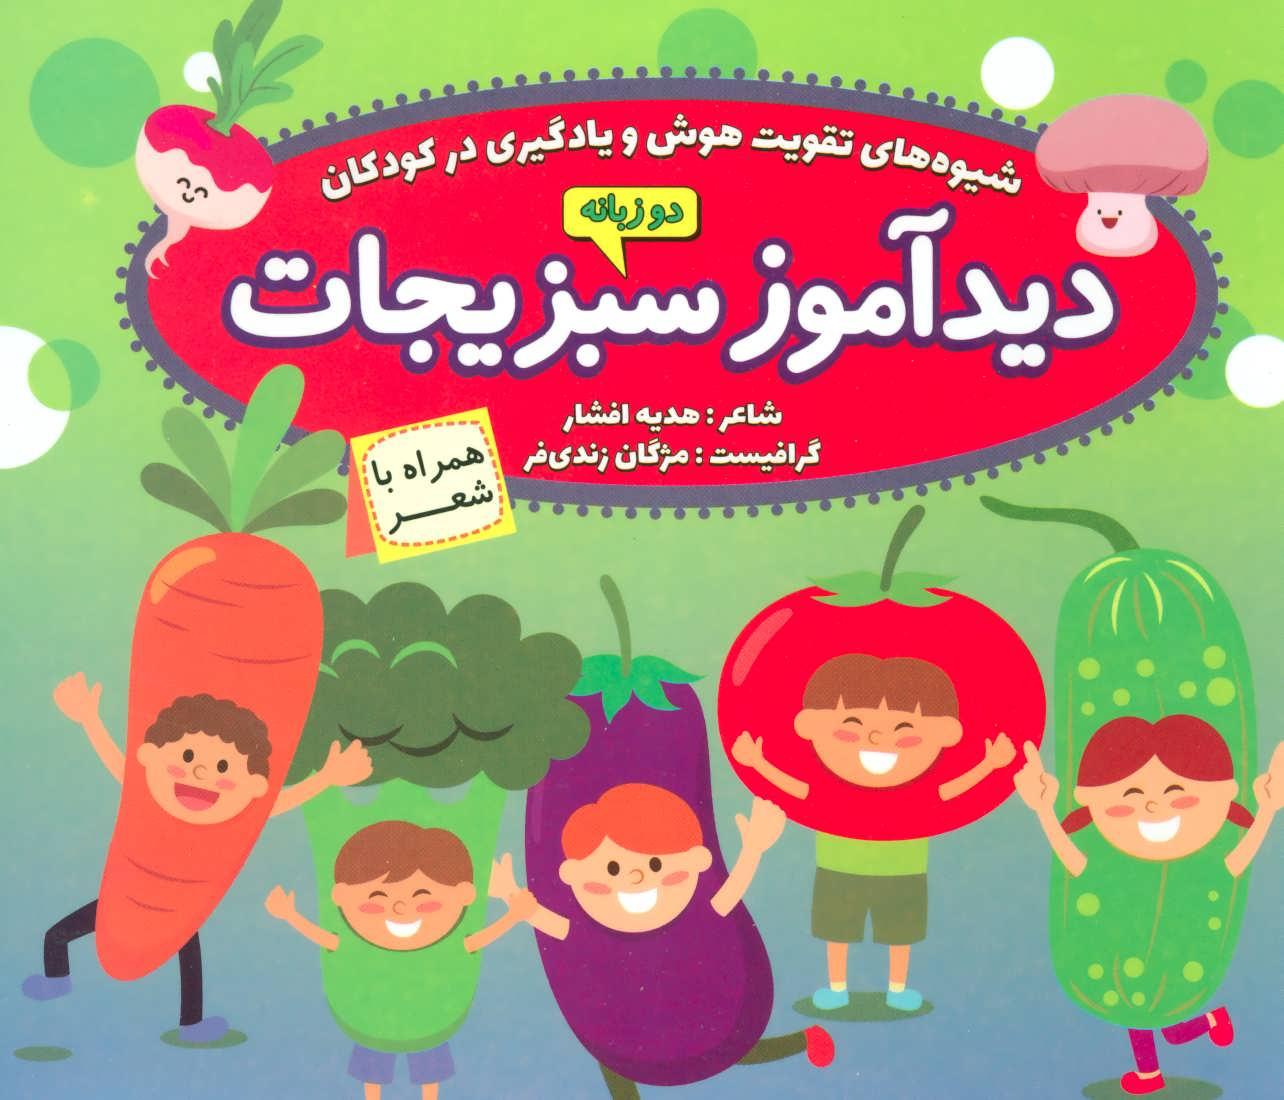 کتاب دیدآموز سبزیجات همراه با شعر